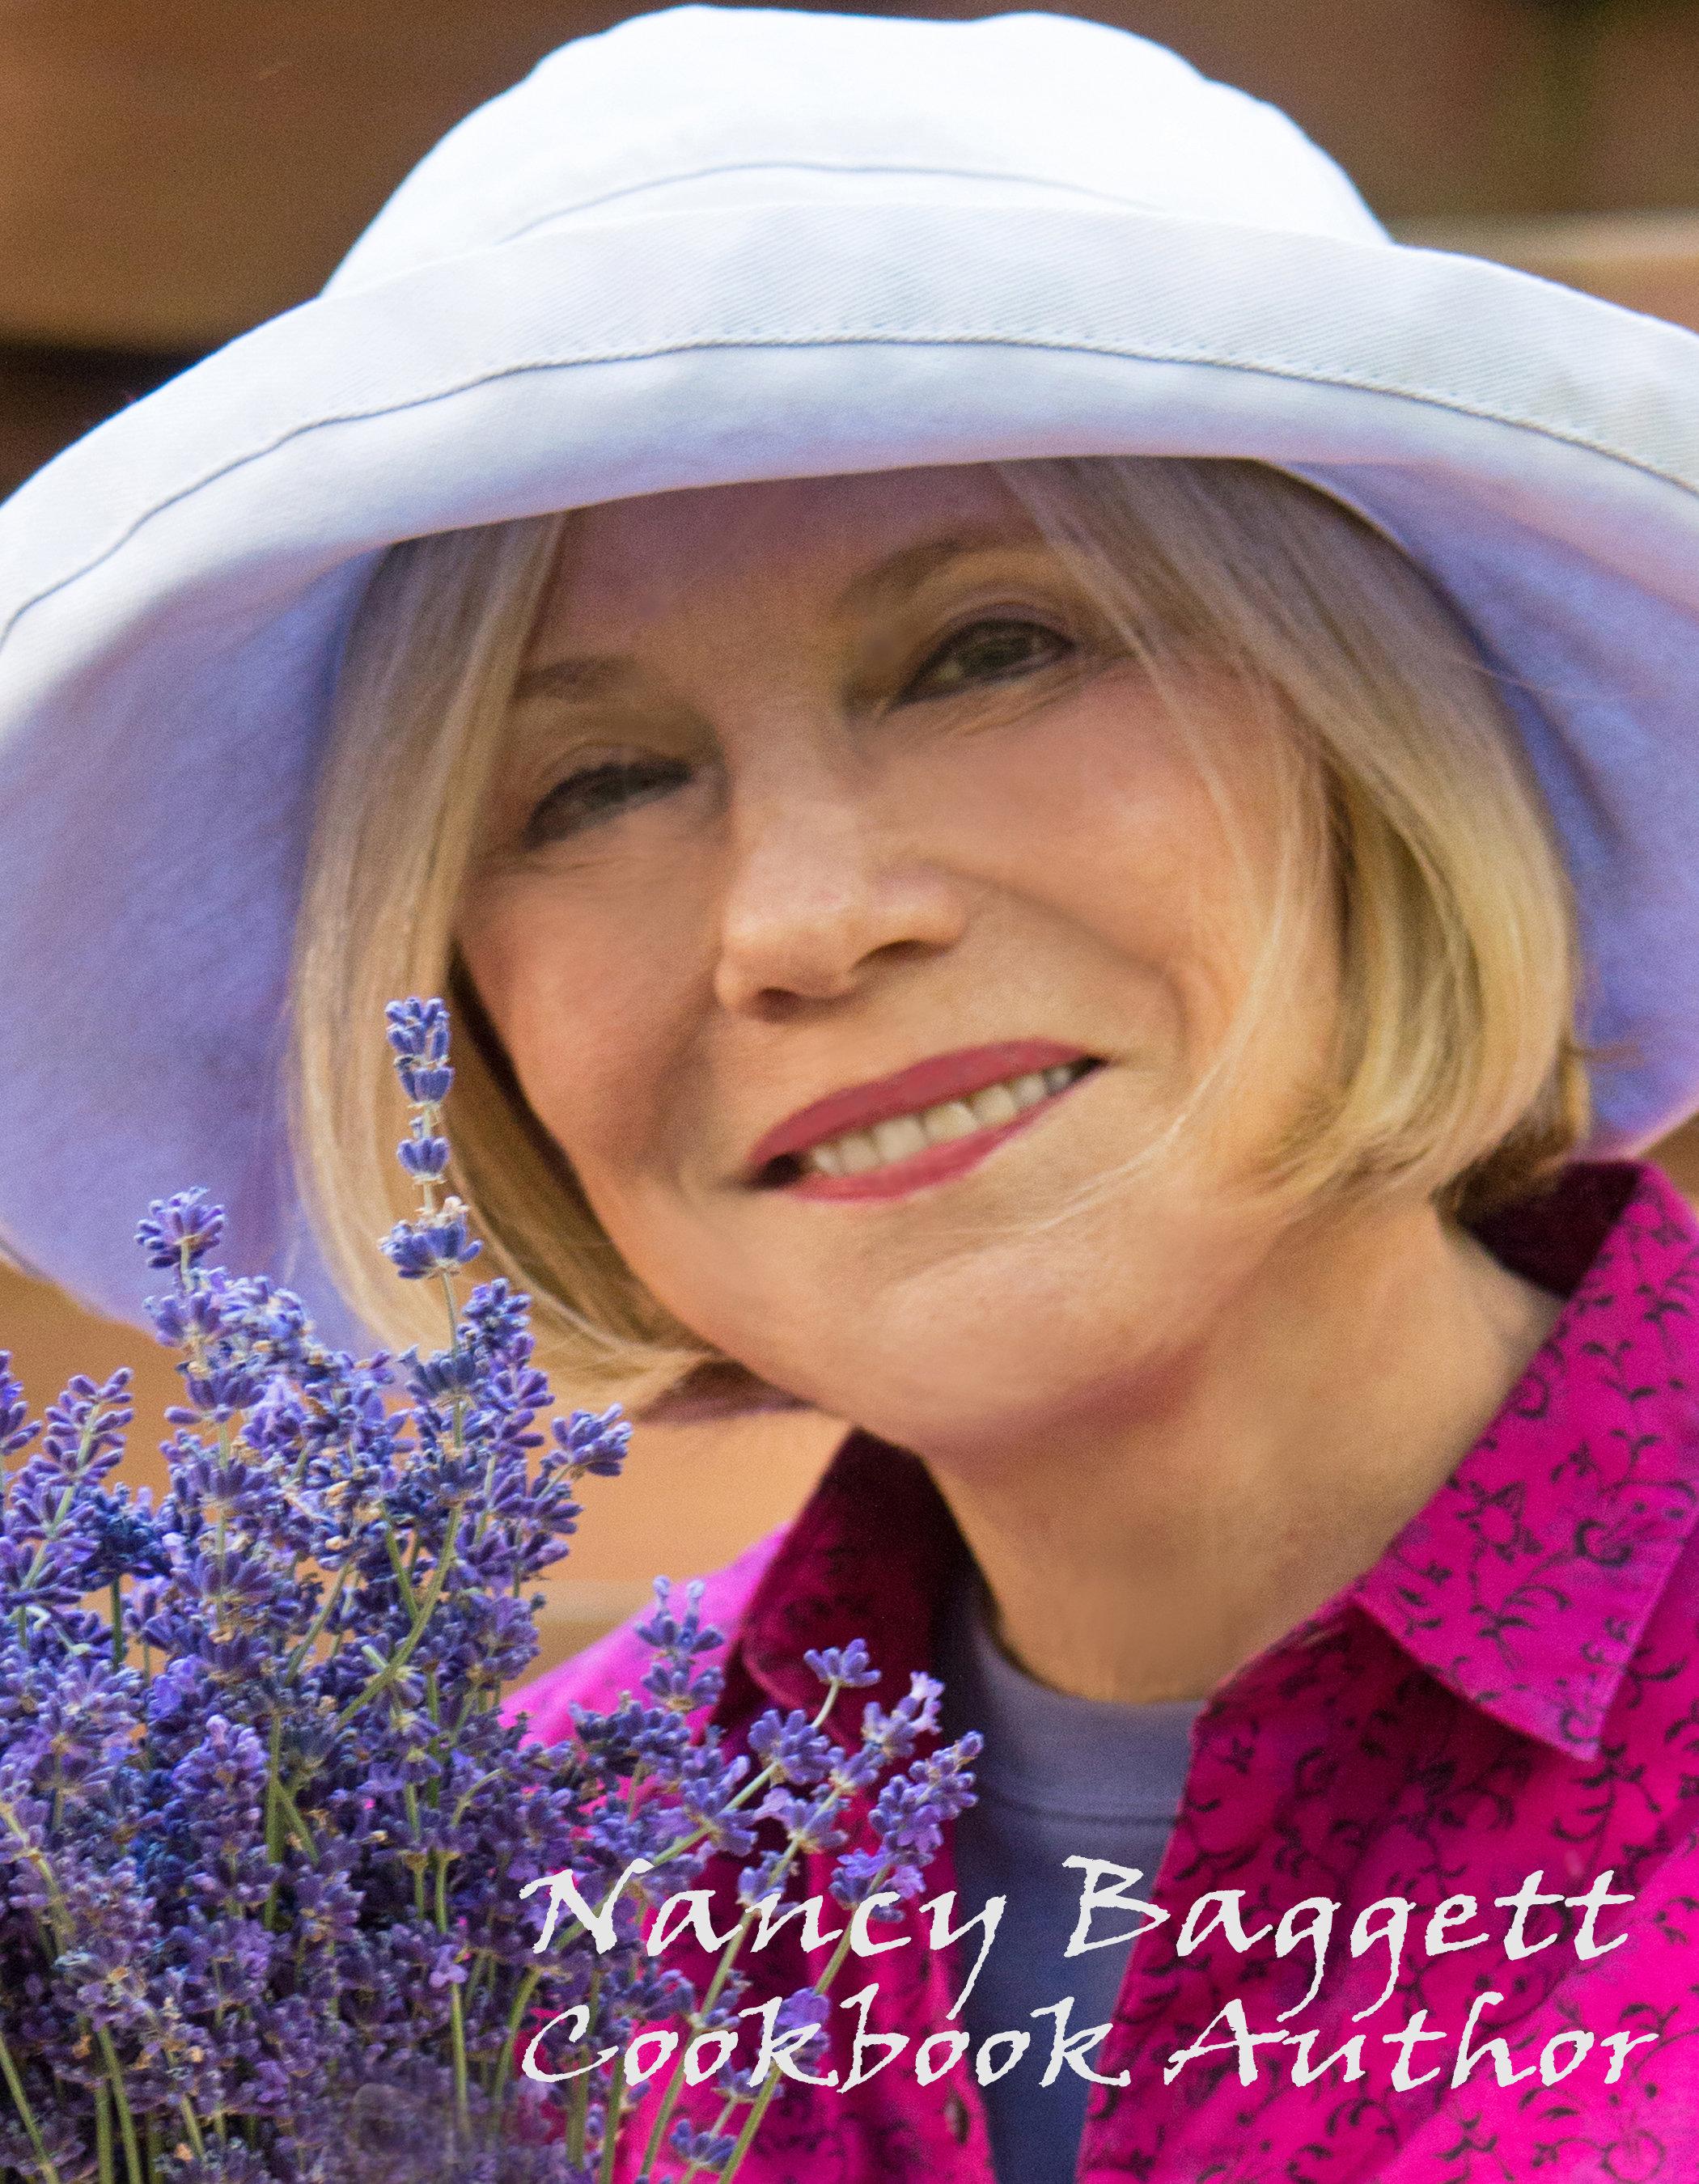 Nancy Baggett